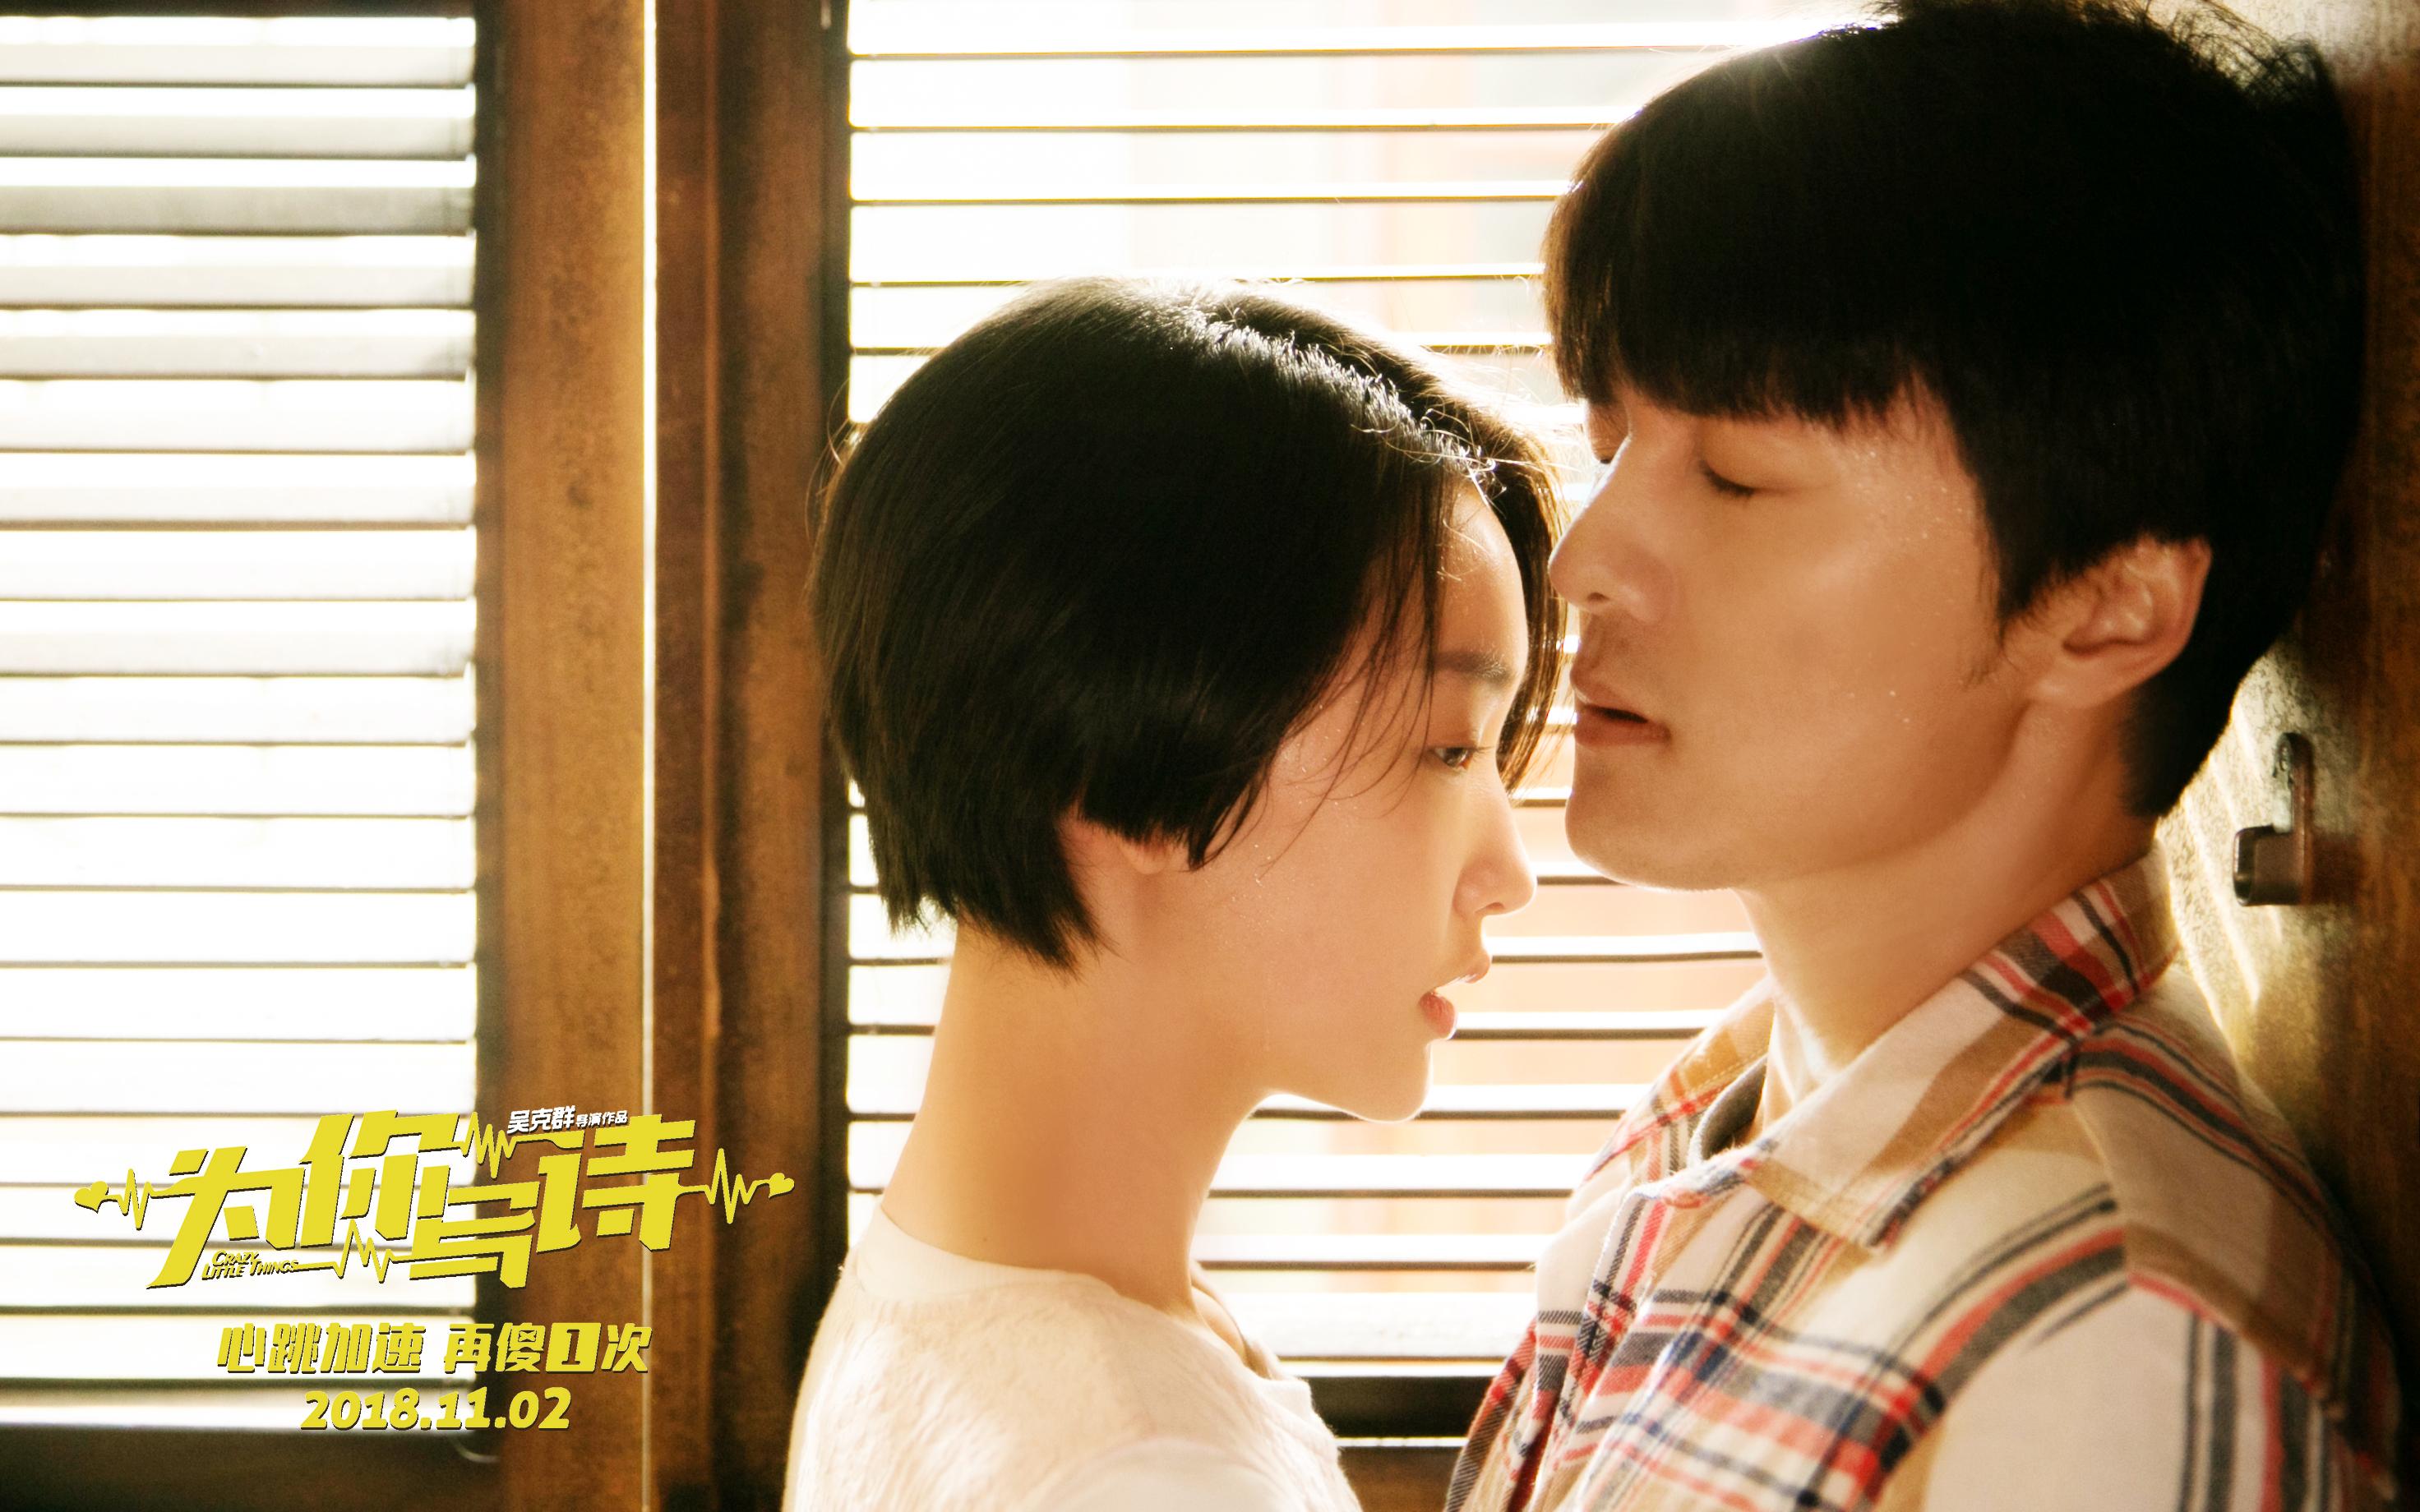 电影《为你写诗》心跳版预告 吴克群为爱狂虐自己